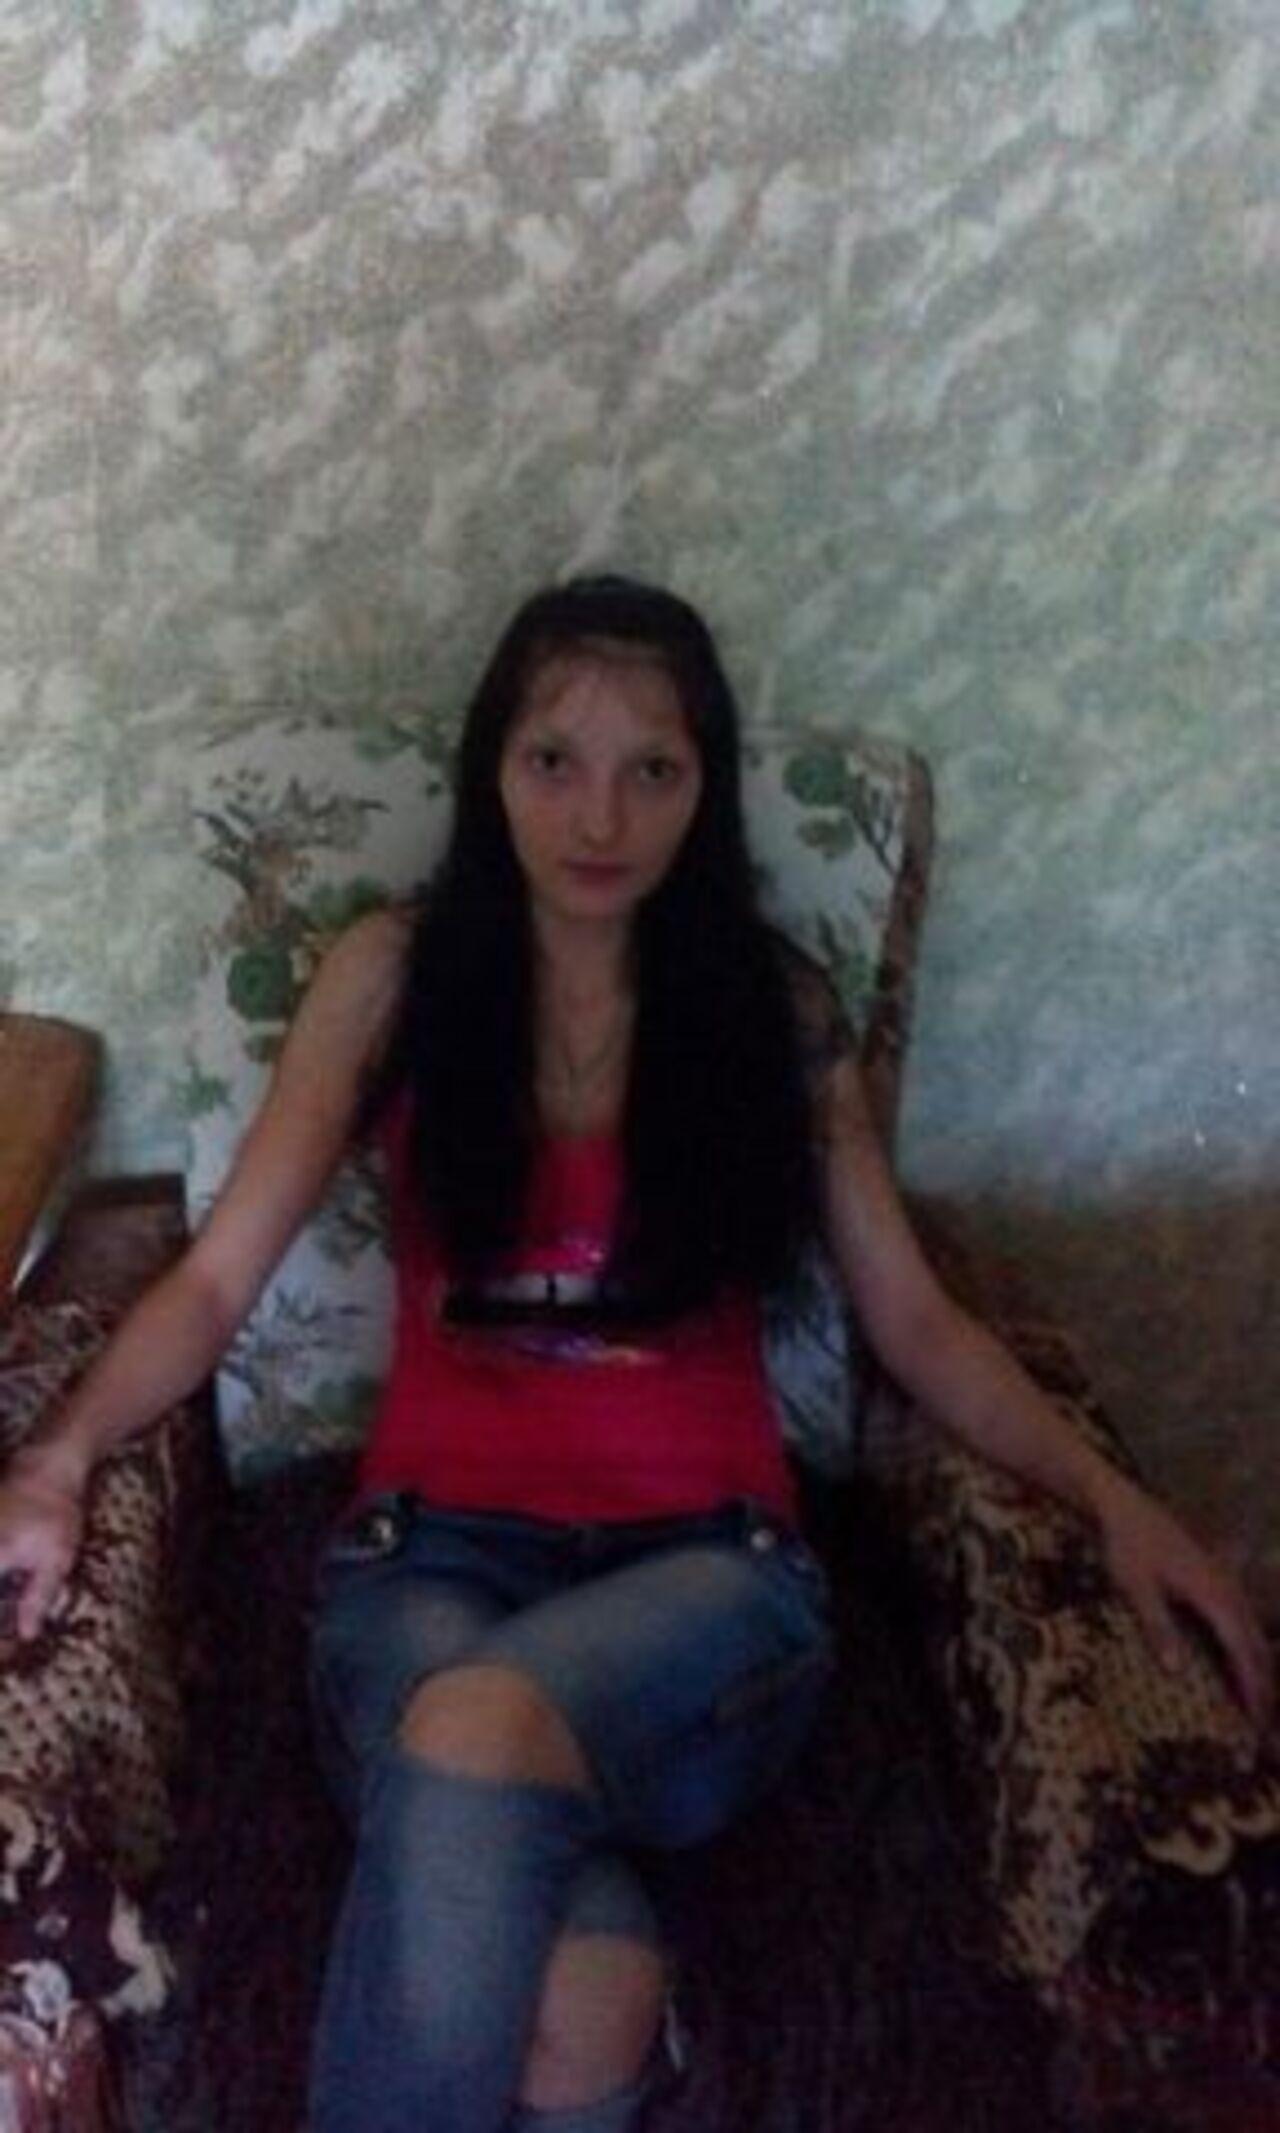 Фото 23 летней девушки 4 фотография